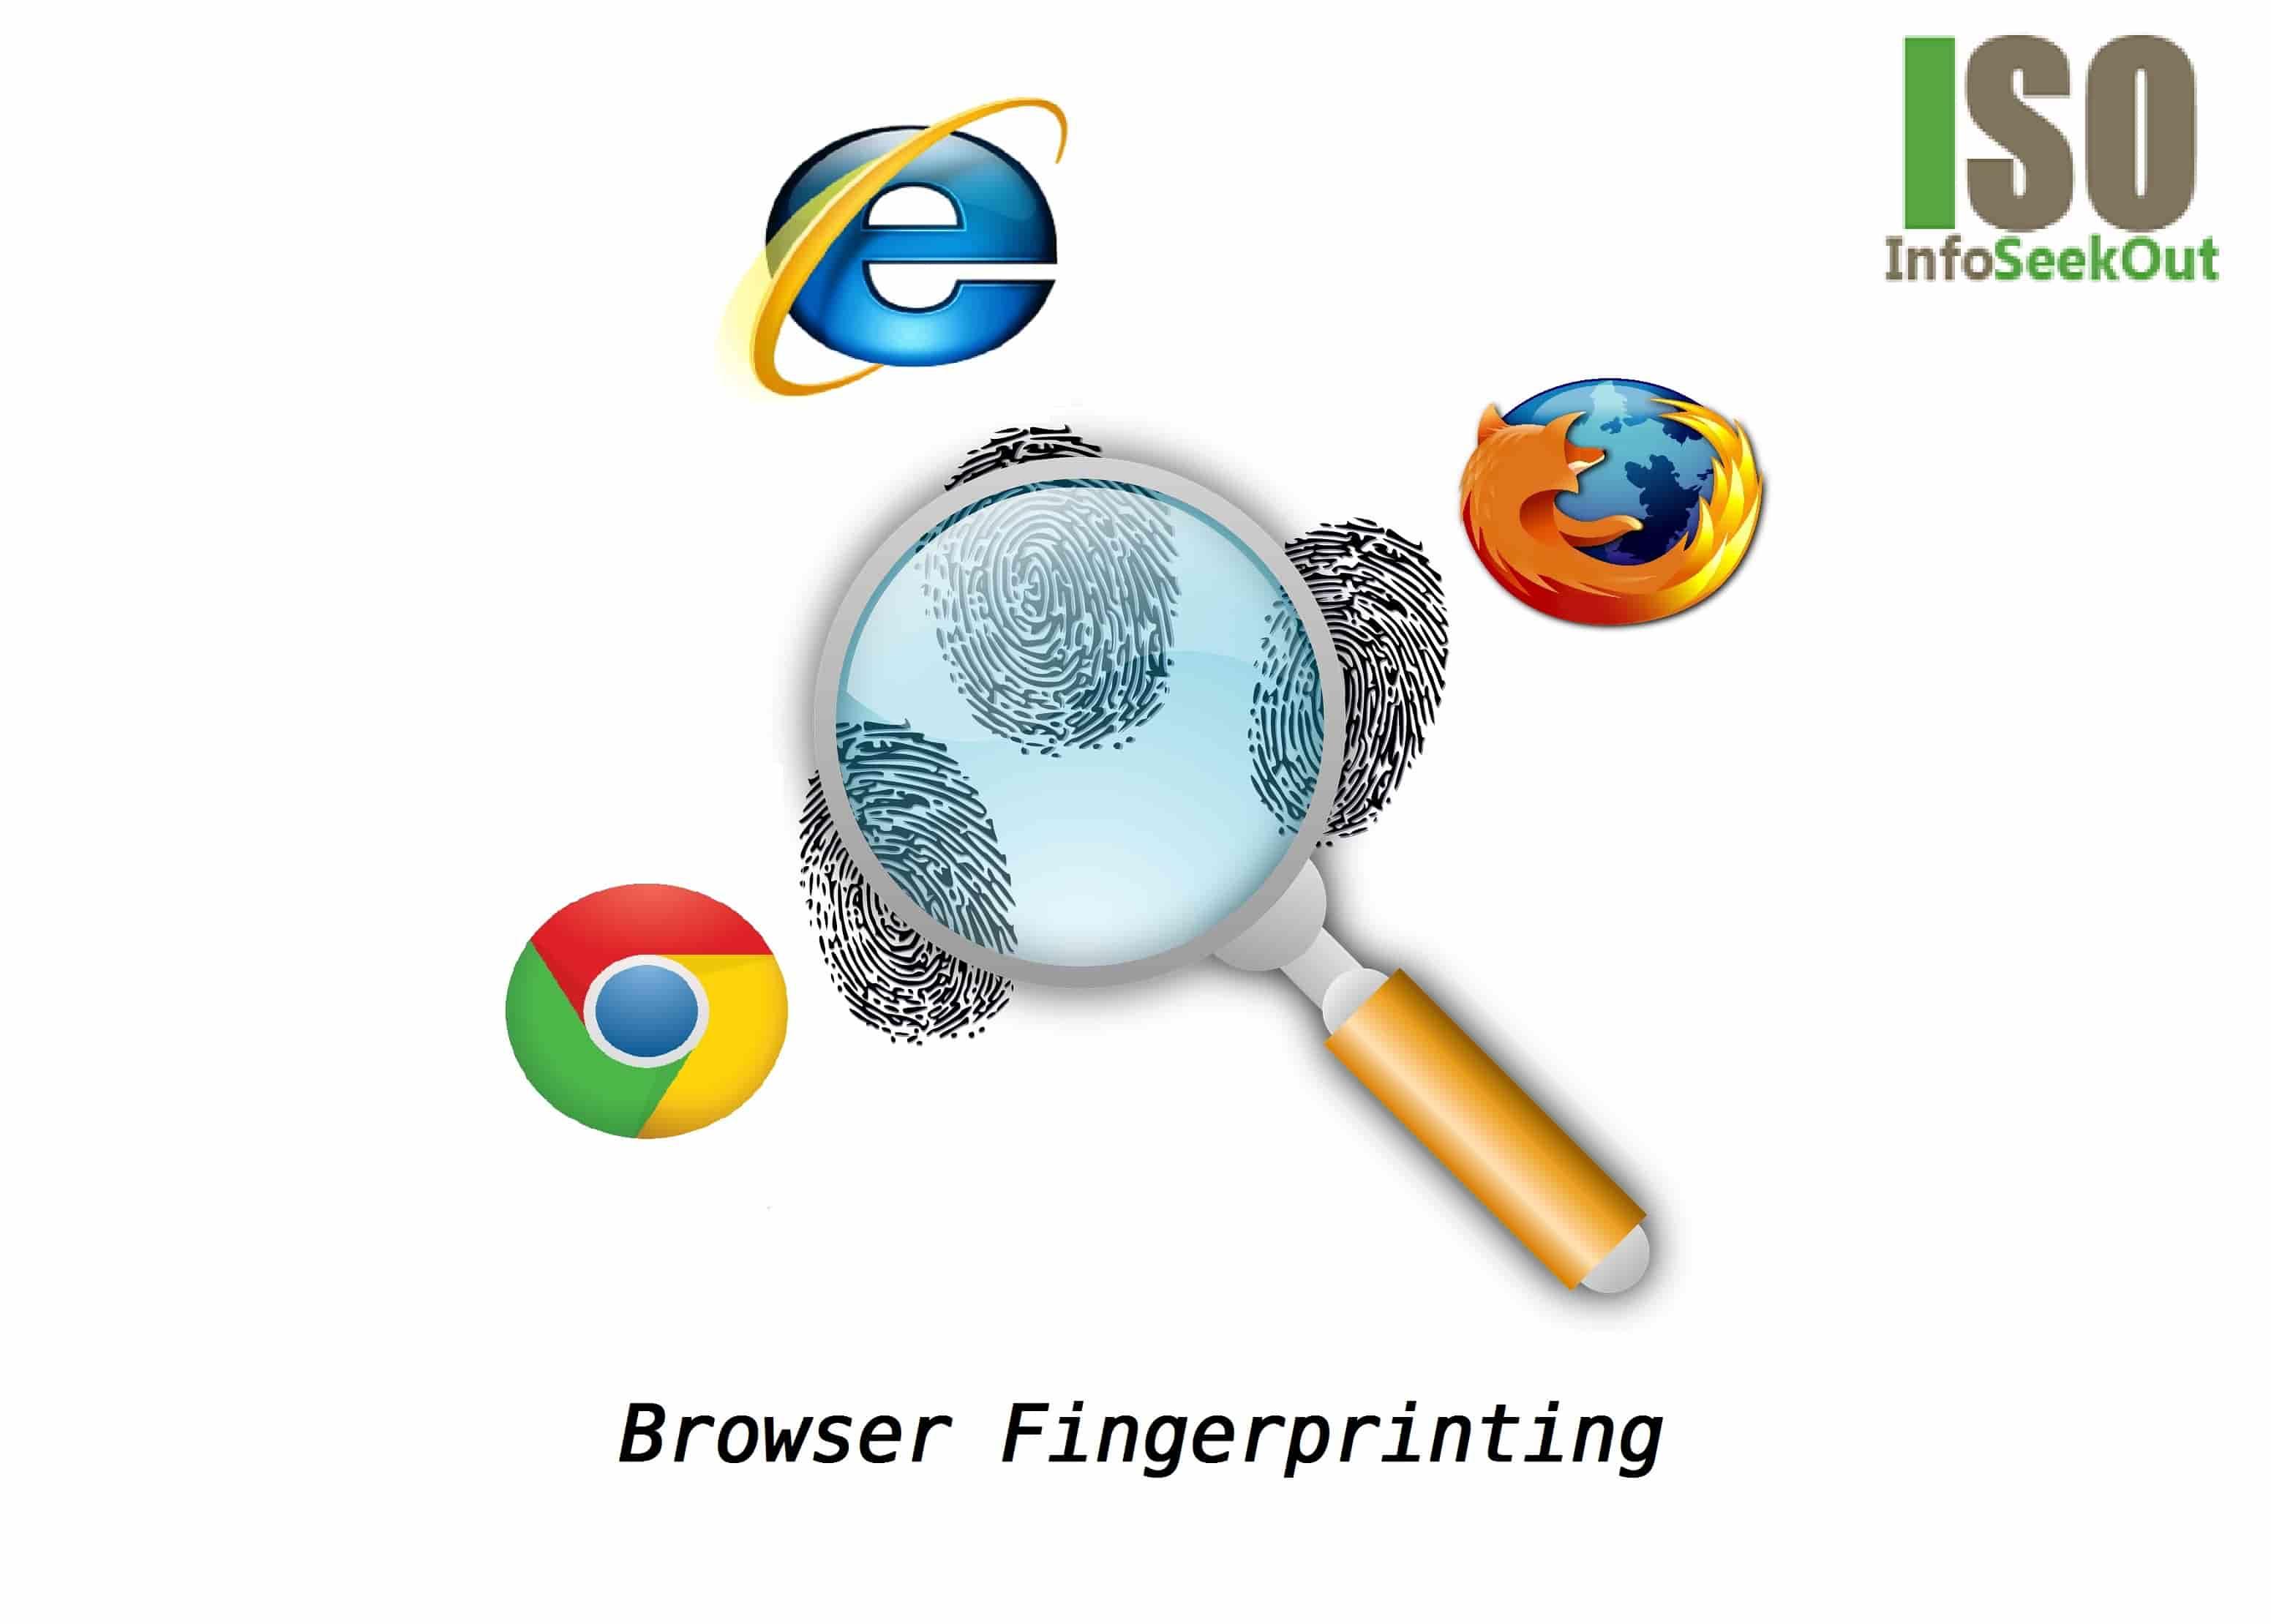 Browser Fingerprinting-InfoSeekOut